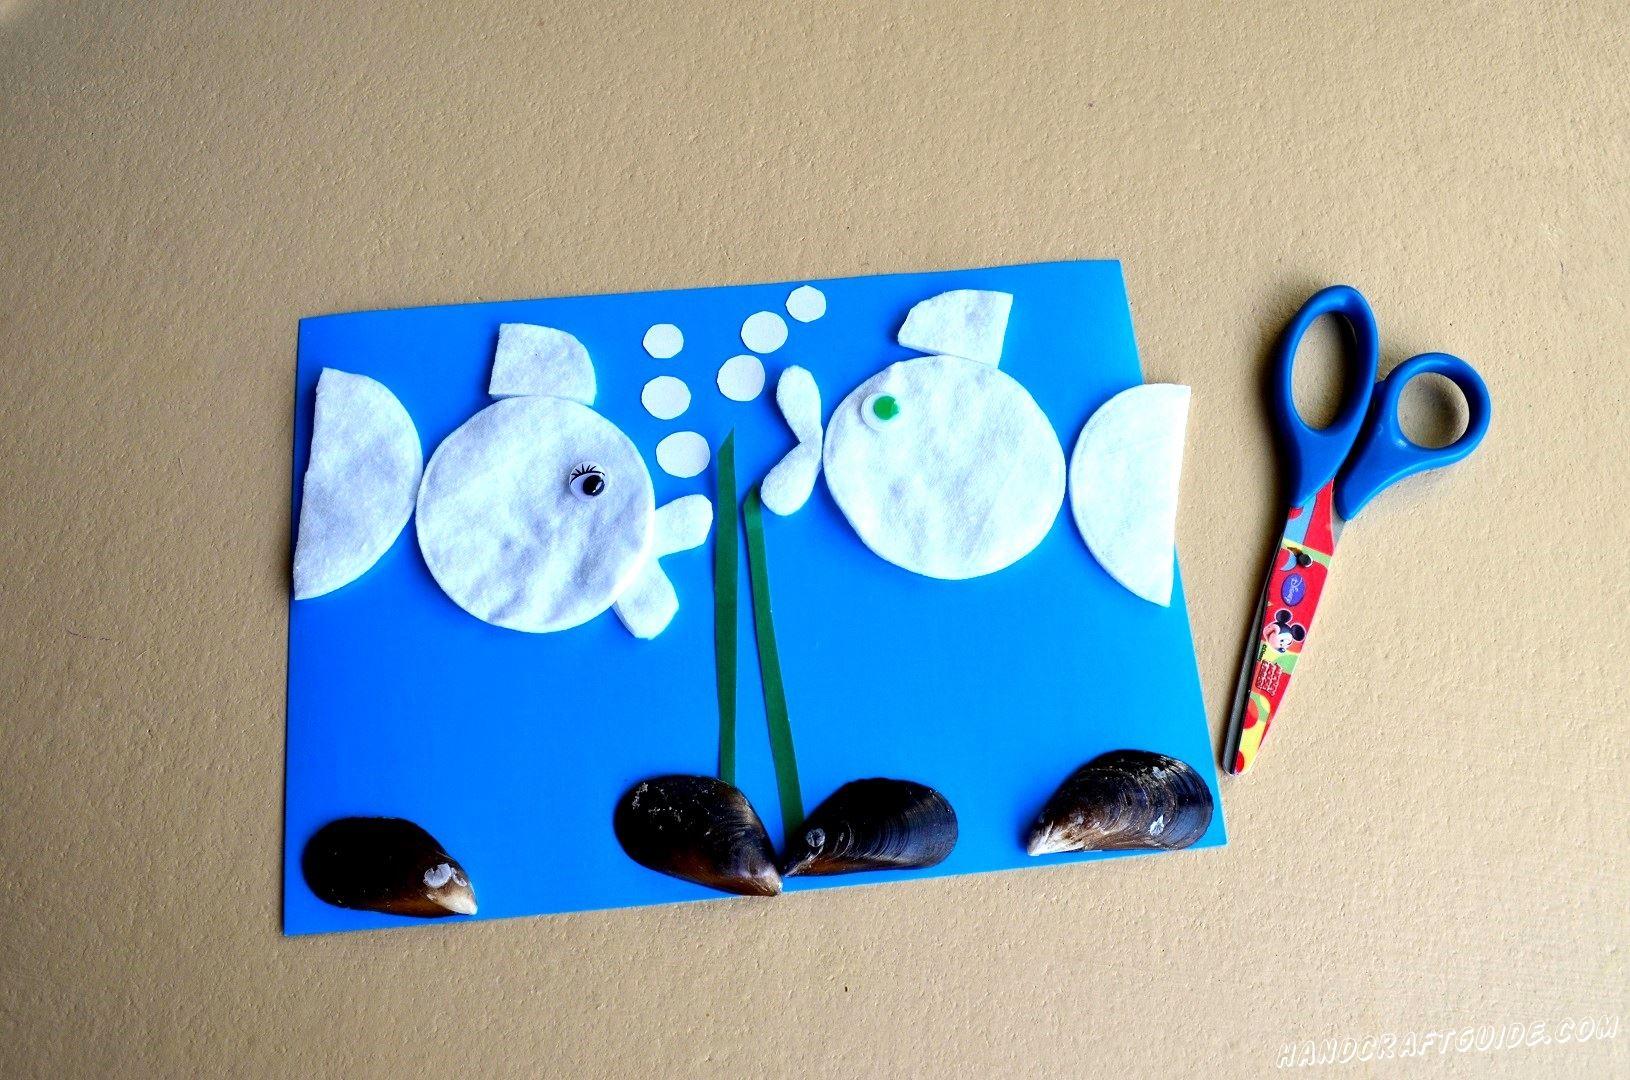 Осталось только вырезать и приклеить бульбашки из белой бумаги, и нарисовать, или приклеить декоративные, глазки нашим рыбкам.